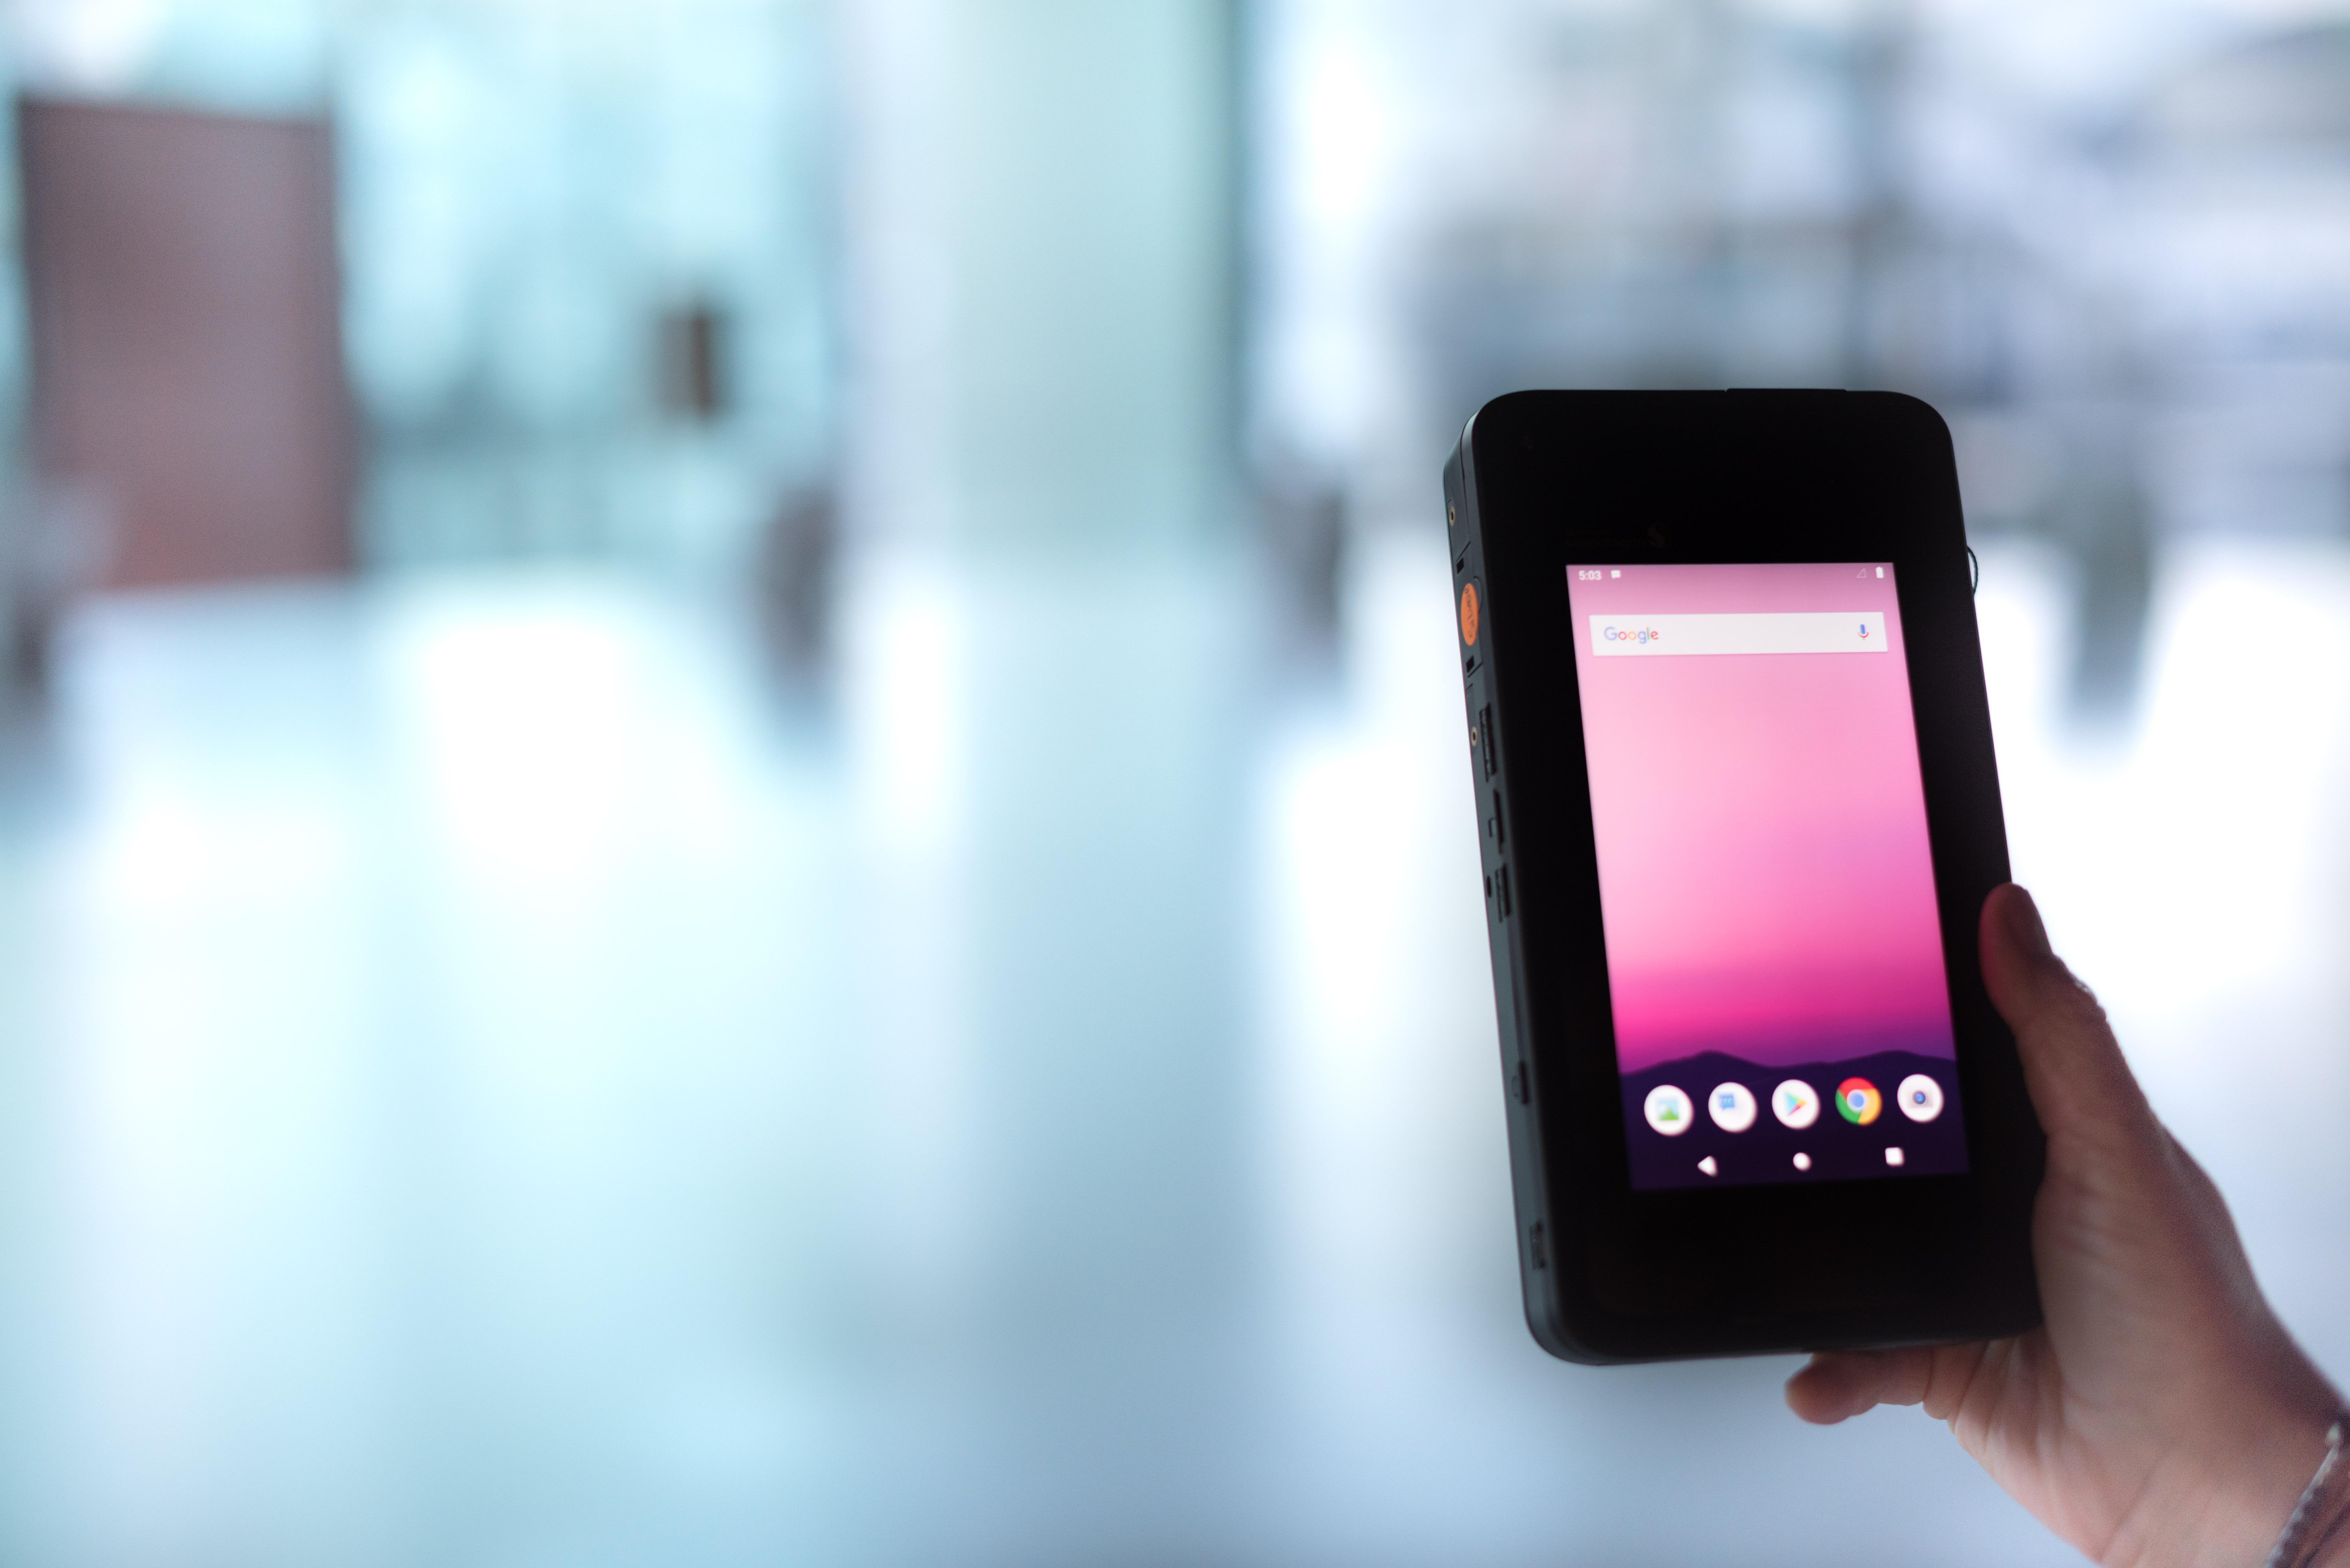 5G-Netz: Swisscom zeigt weltweit ersten 5G-Smartphone-Prototyp - Der 5G-Smartphone-Prototyp von Swisscom (Bild: Swisscom)